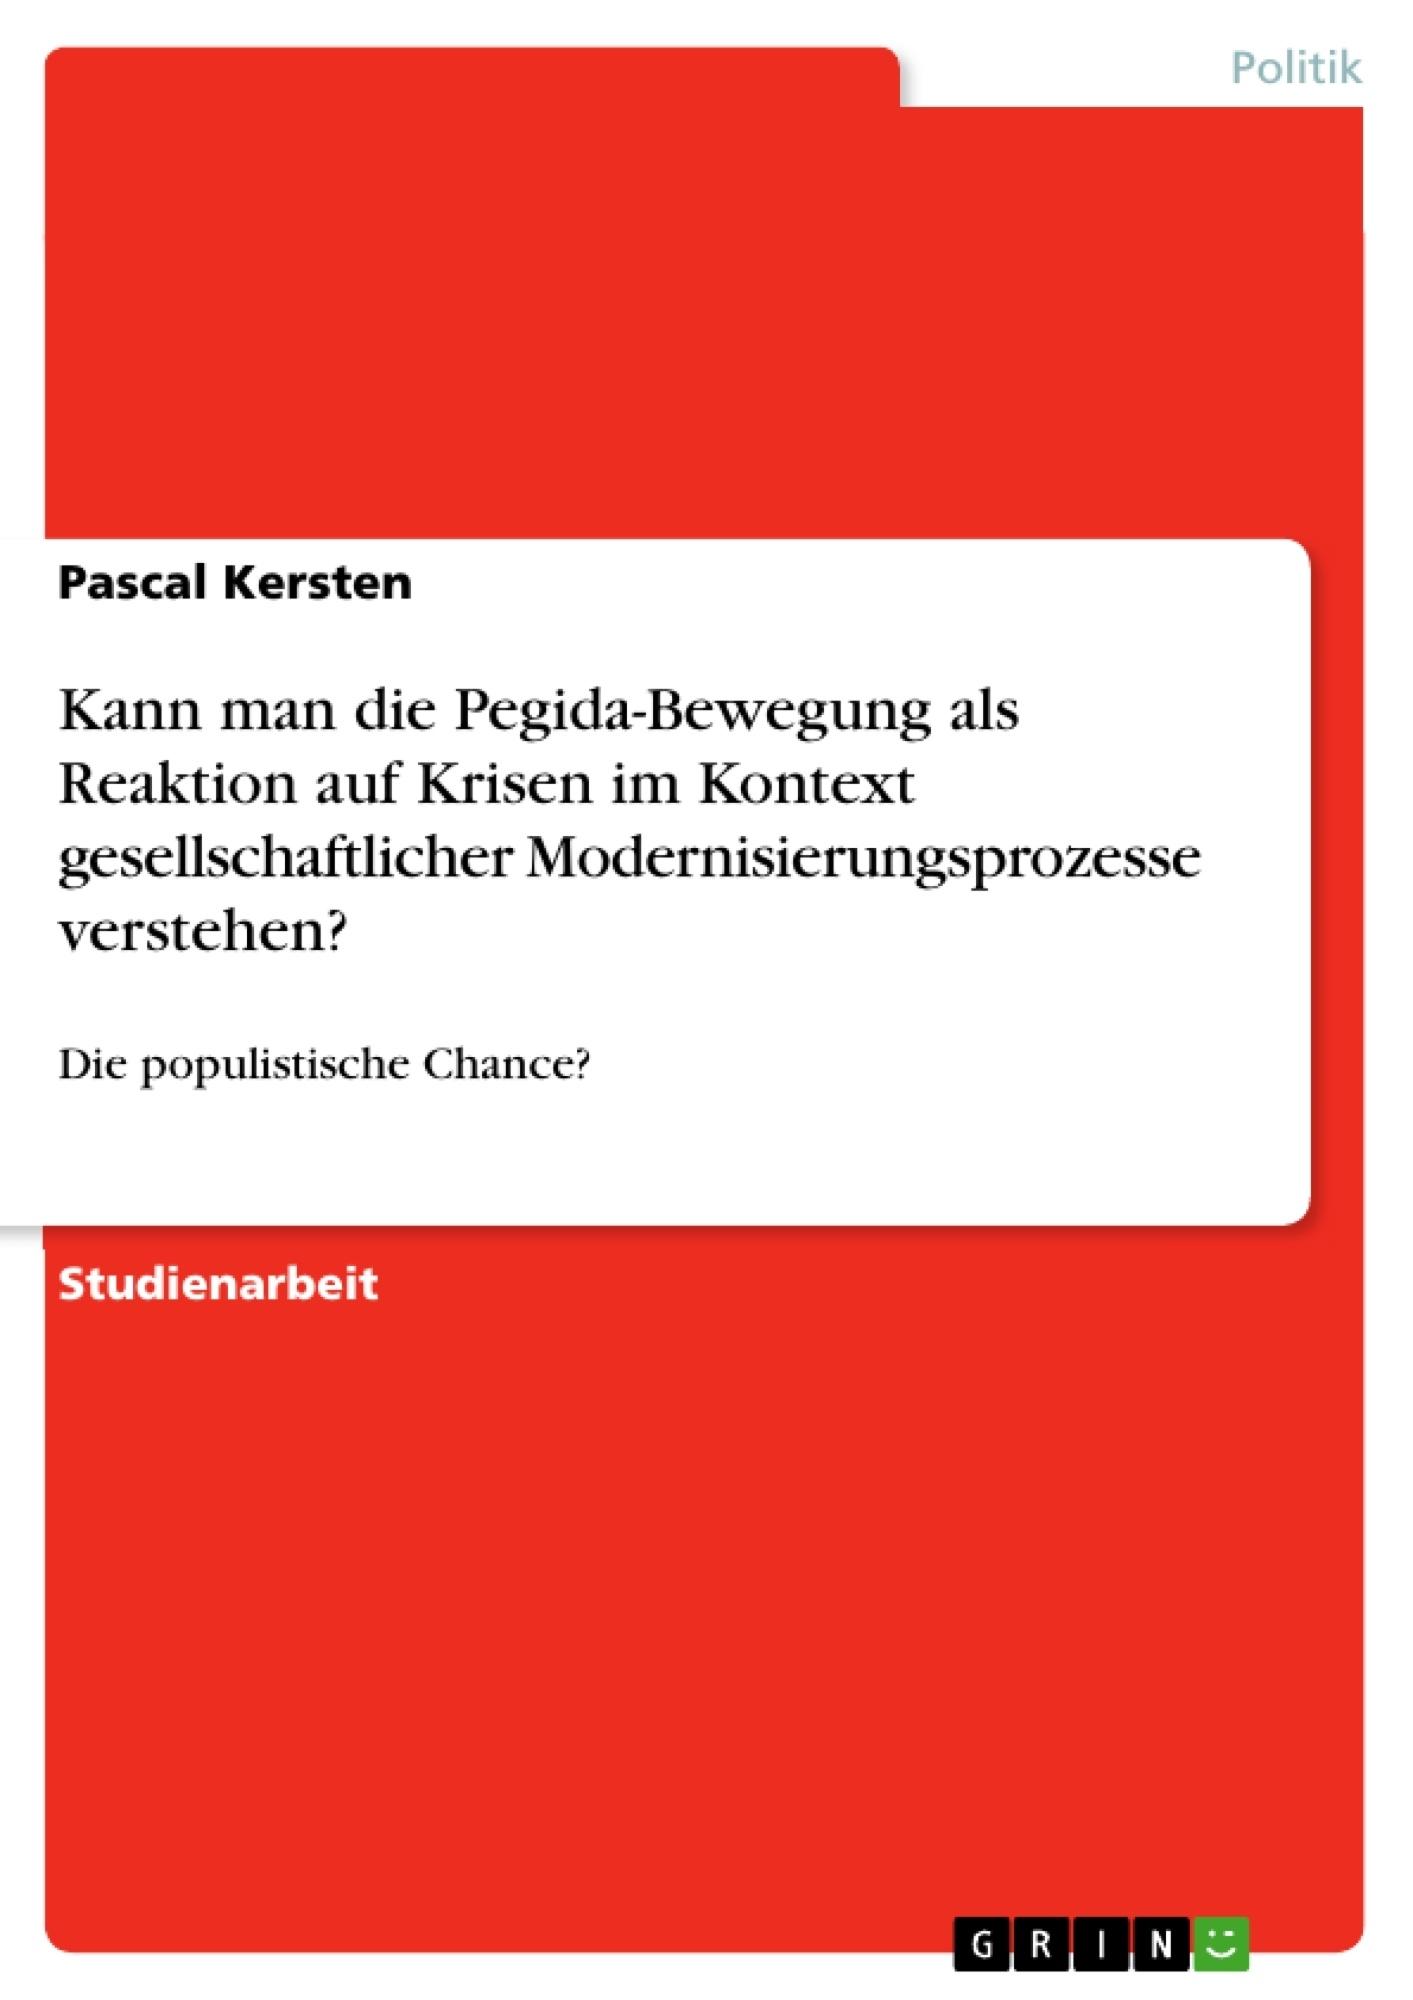 Titel: Kann man die Pegida-Bewegung als Reaktion auf Krisen im Kontext gesellschaftlicher Modernisierungsprozesse verstehen?